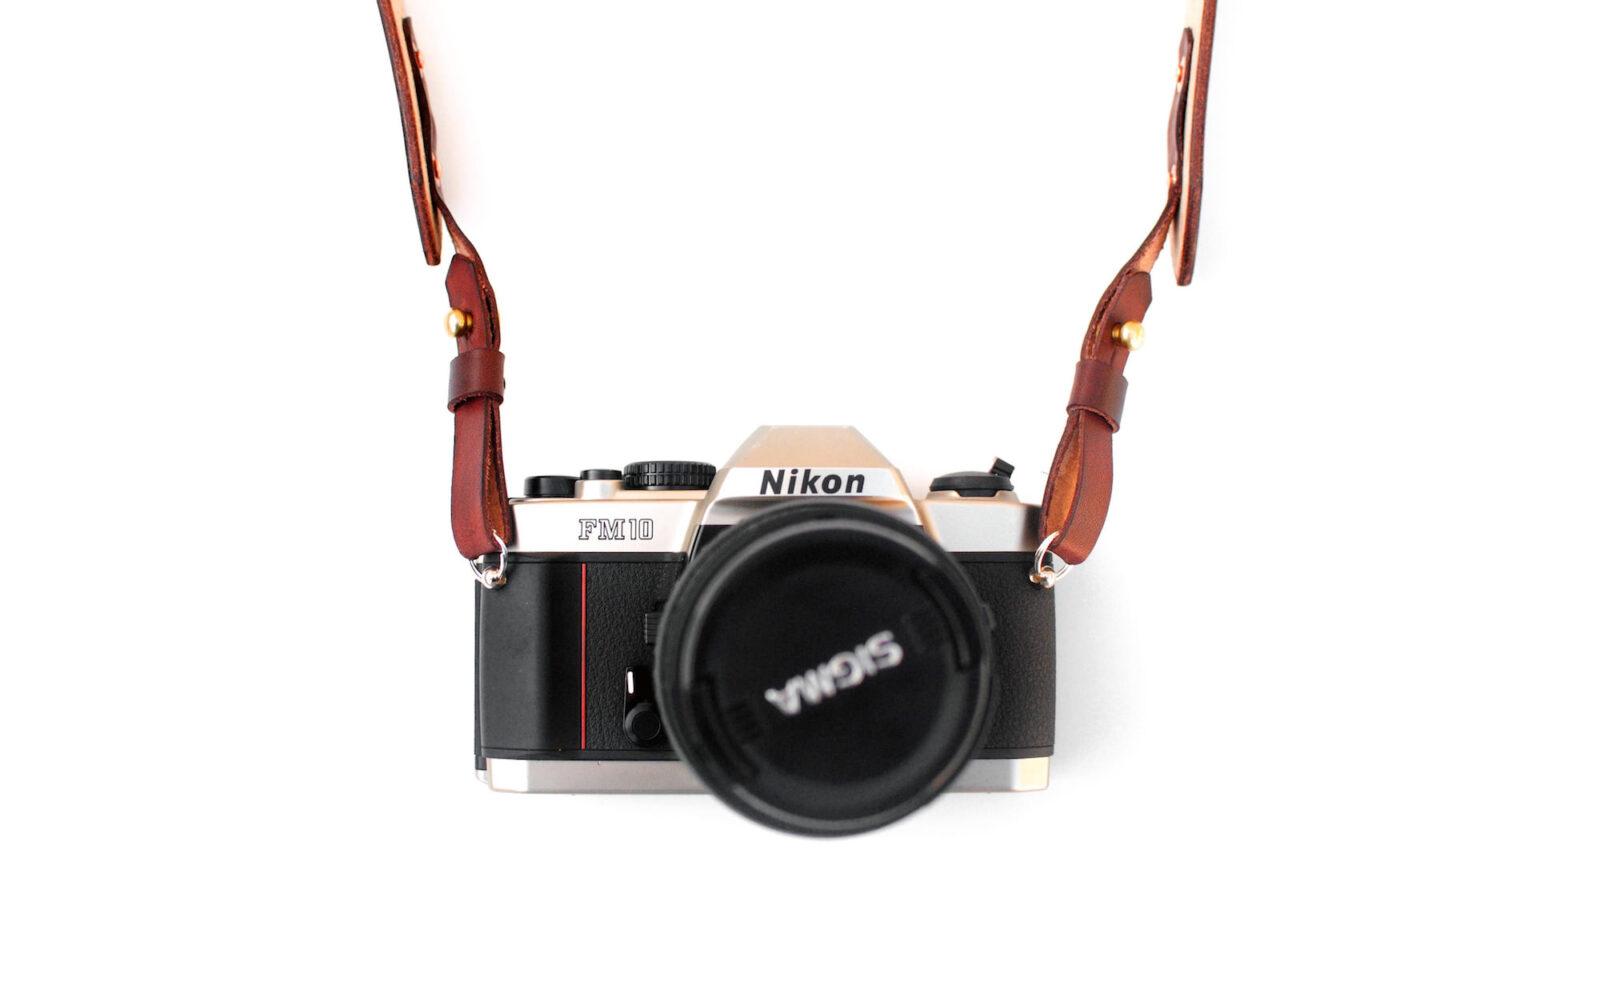 camera strap 1600x1002 - Small Batch Supply Co. Camera Strap